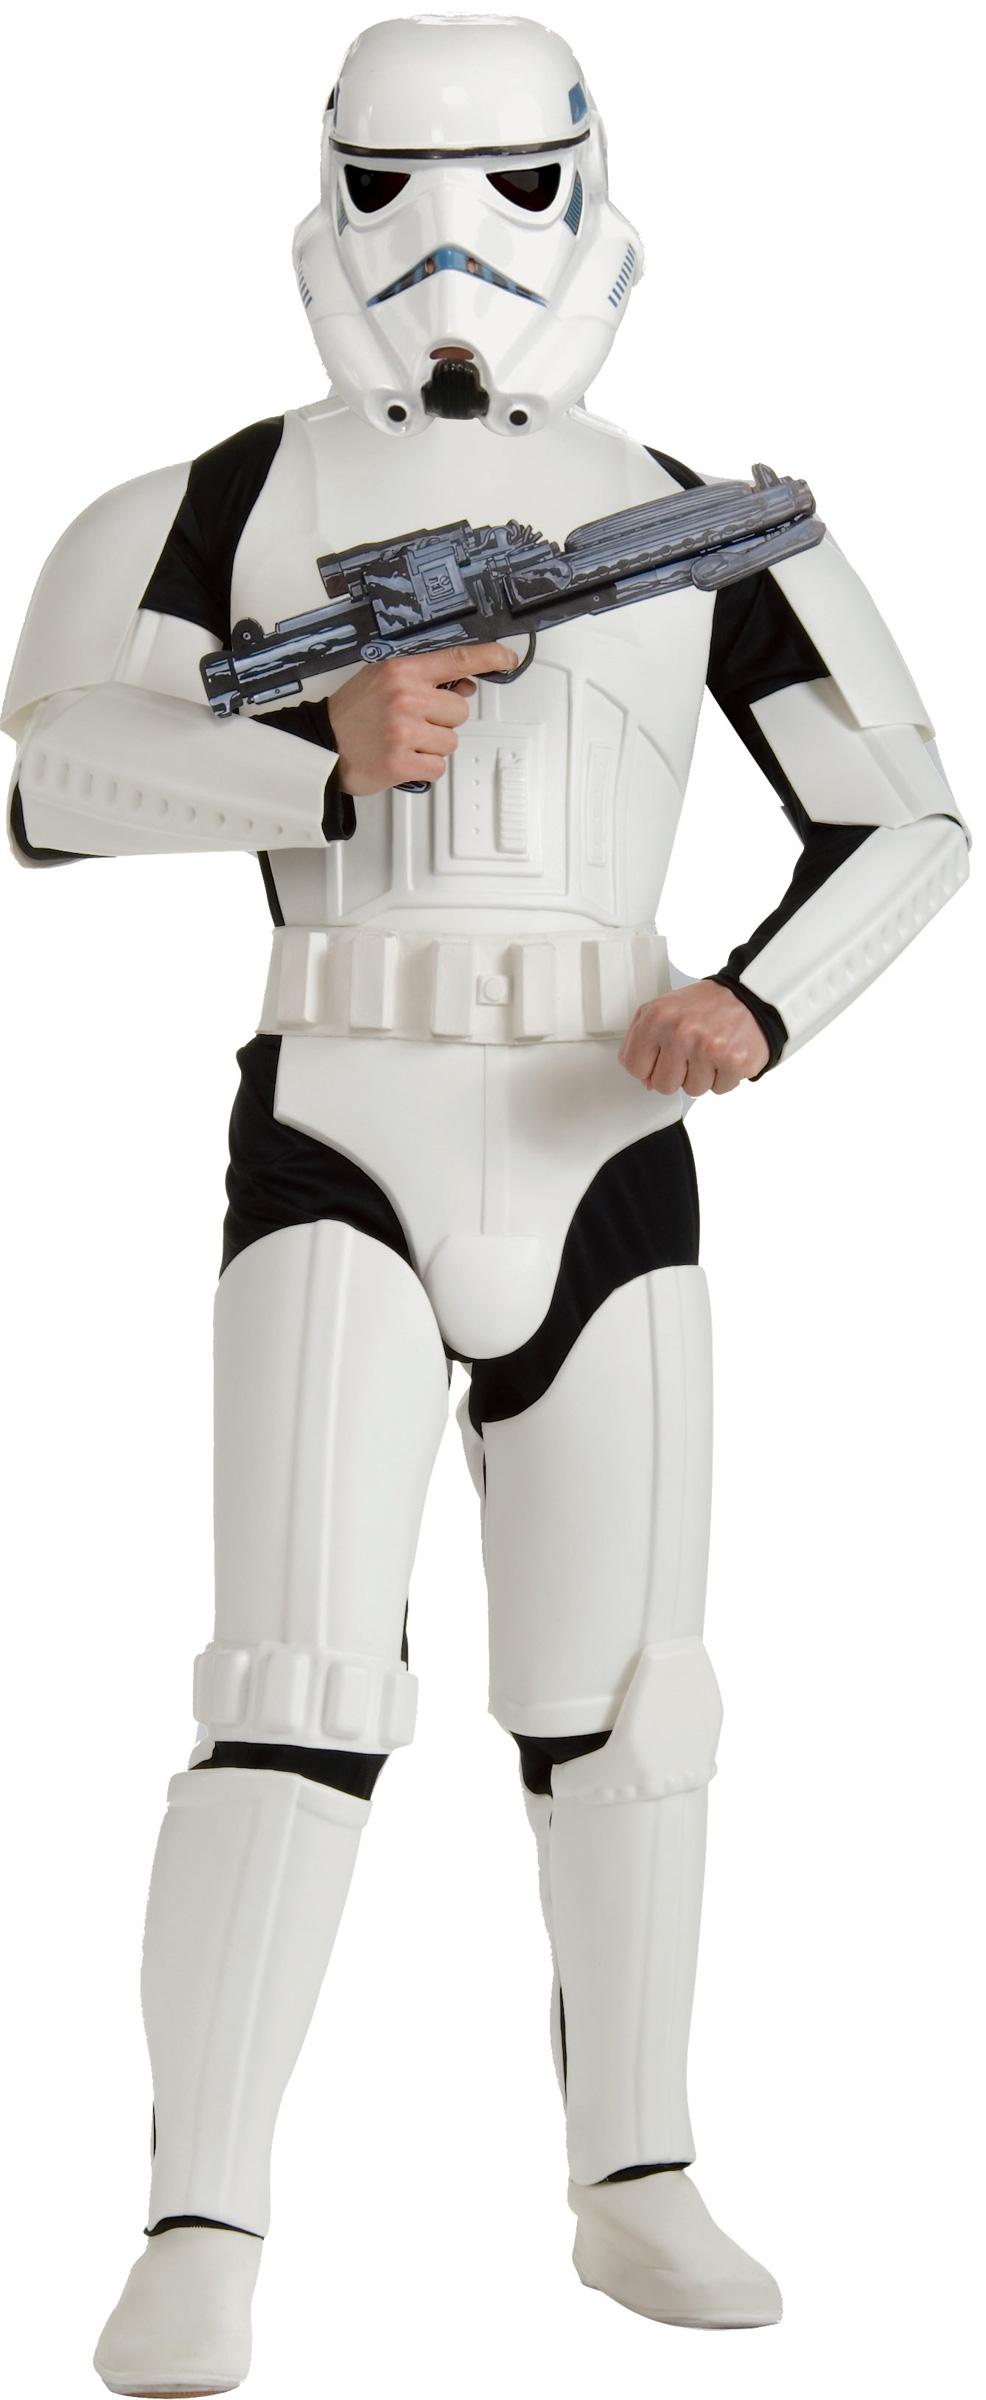 d guisement stormtrooper star wars adulte. Black Bedroom Furniture Sets. Home Design Ideas